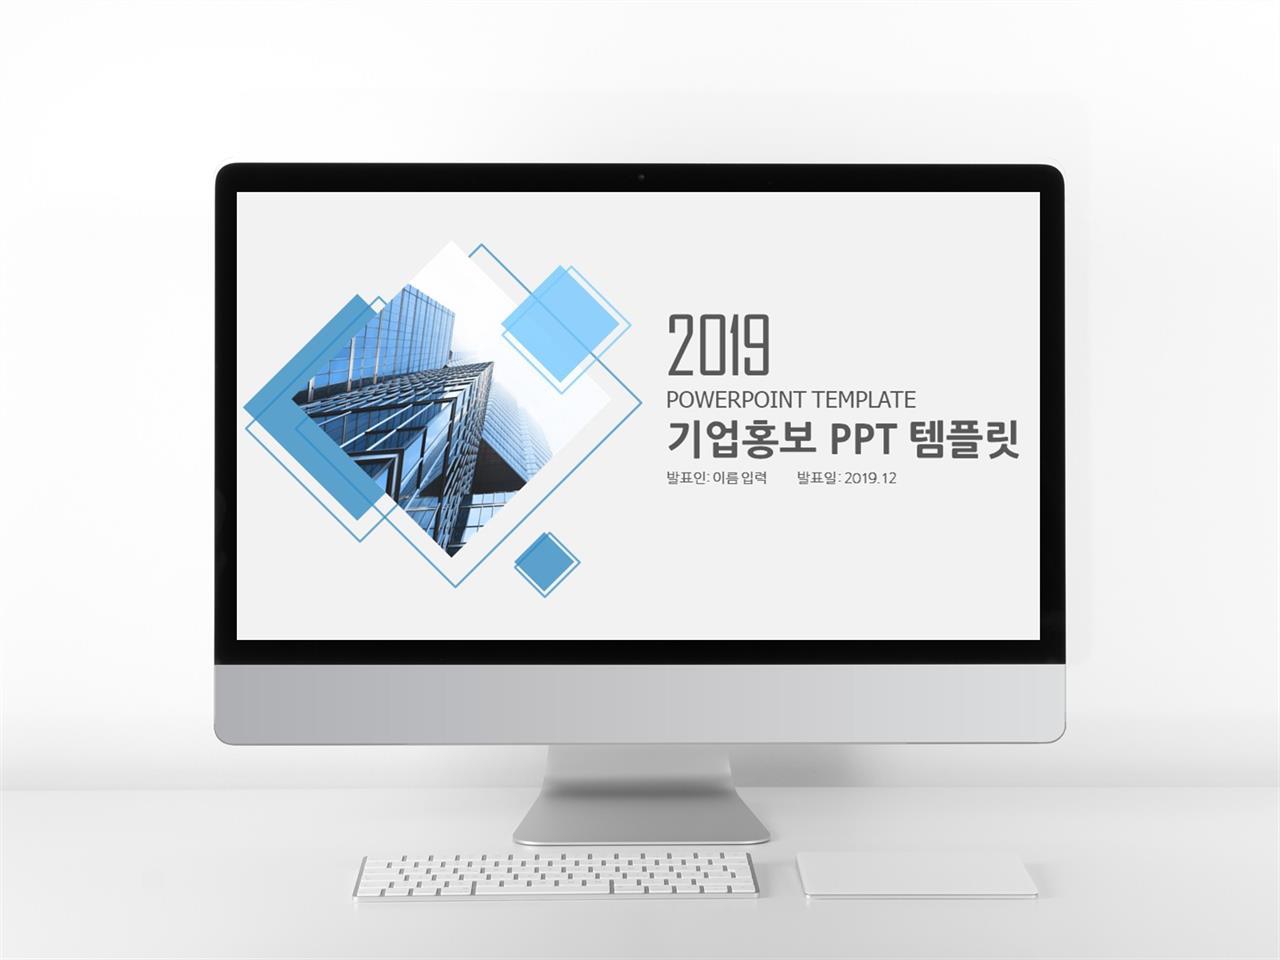 회사홍보 푸른색 단조로운 고급스럽운 파워포인트샘플 사이트 미리보기